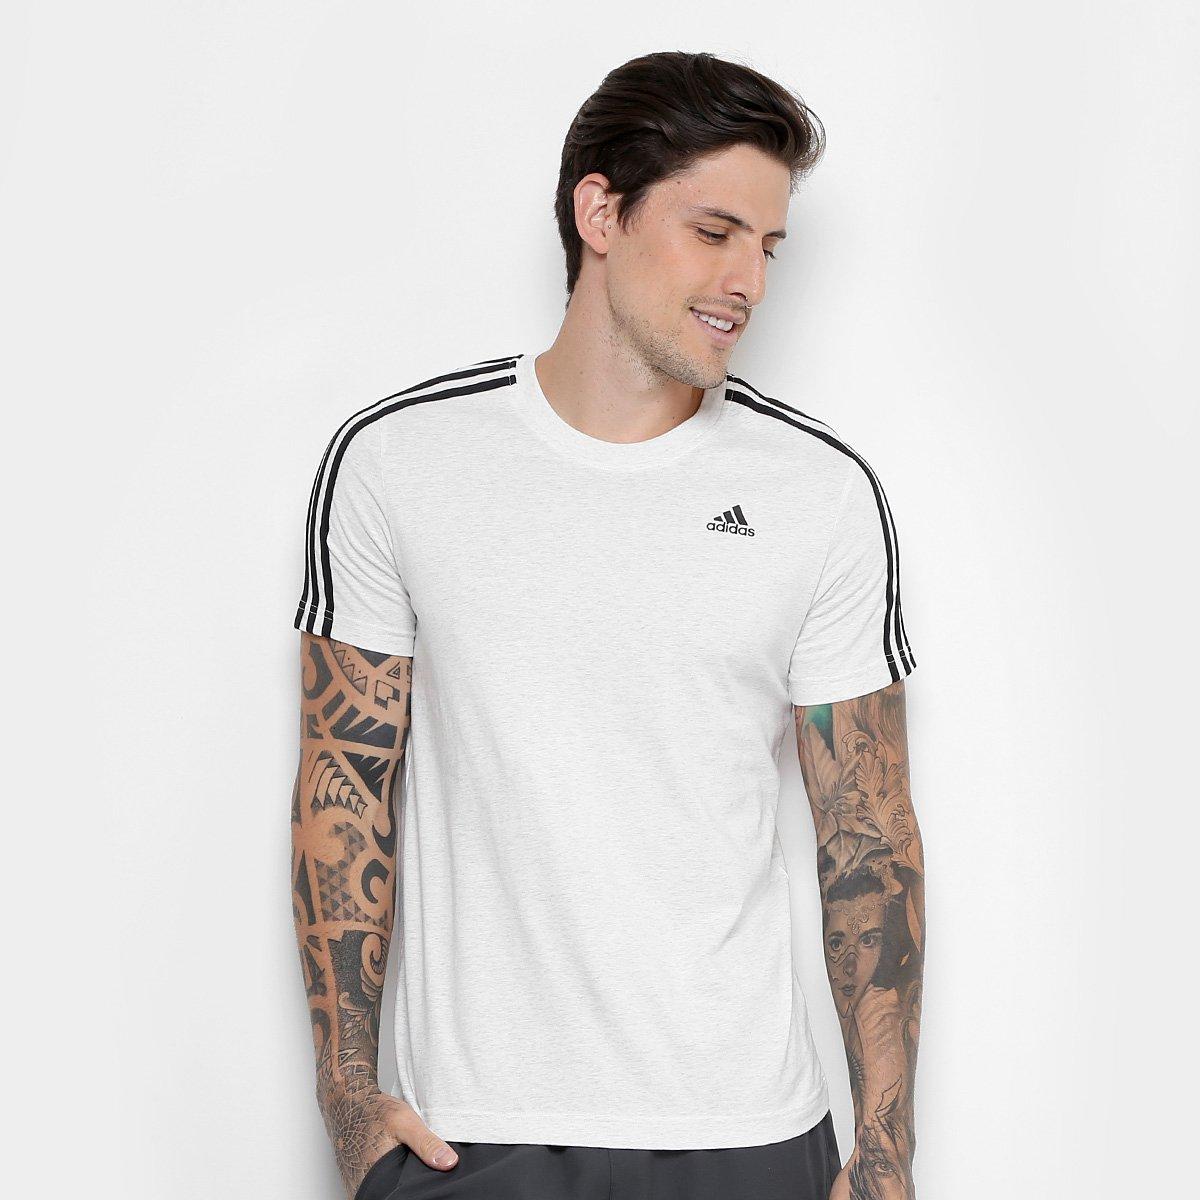 73b4b904928 Camiseta Adidas Essentials 3 Stripes Masculina - Compre Agora